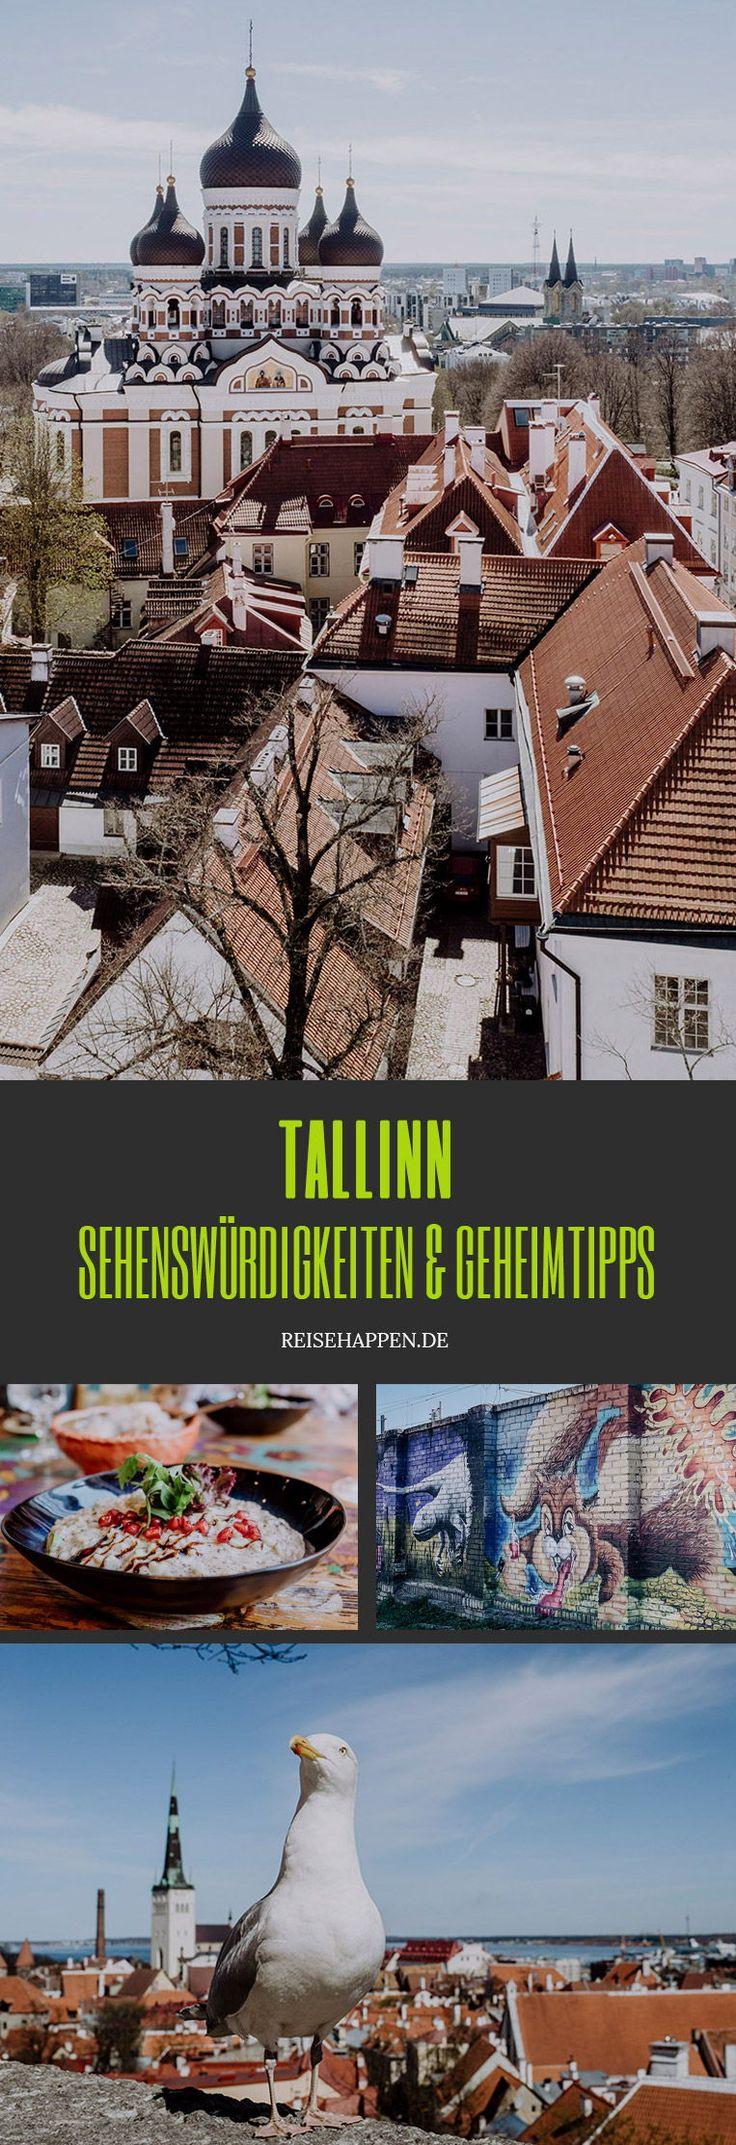 Tallinn – Sehenswürdigkeiten & Geheimtipps für Deine Städtereise – Reisehappen – ein Travel & Food Blog:  Reisen, Rezepte und Lifestyle